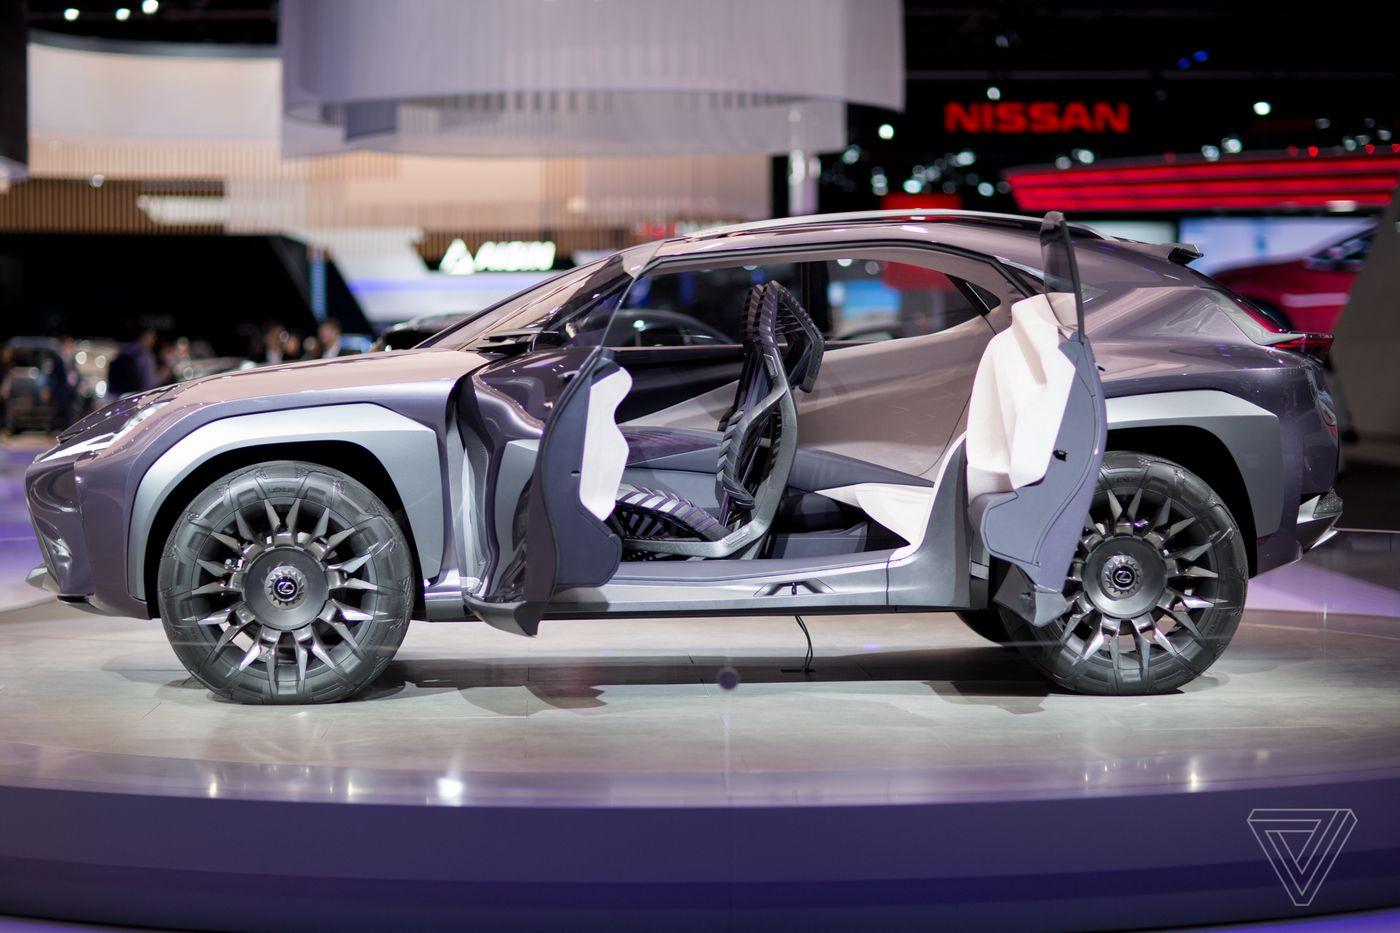 نمایشگاه خودرو دیترویت 2017